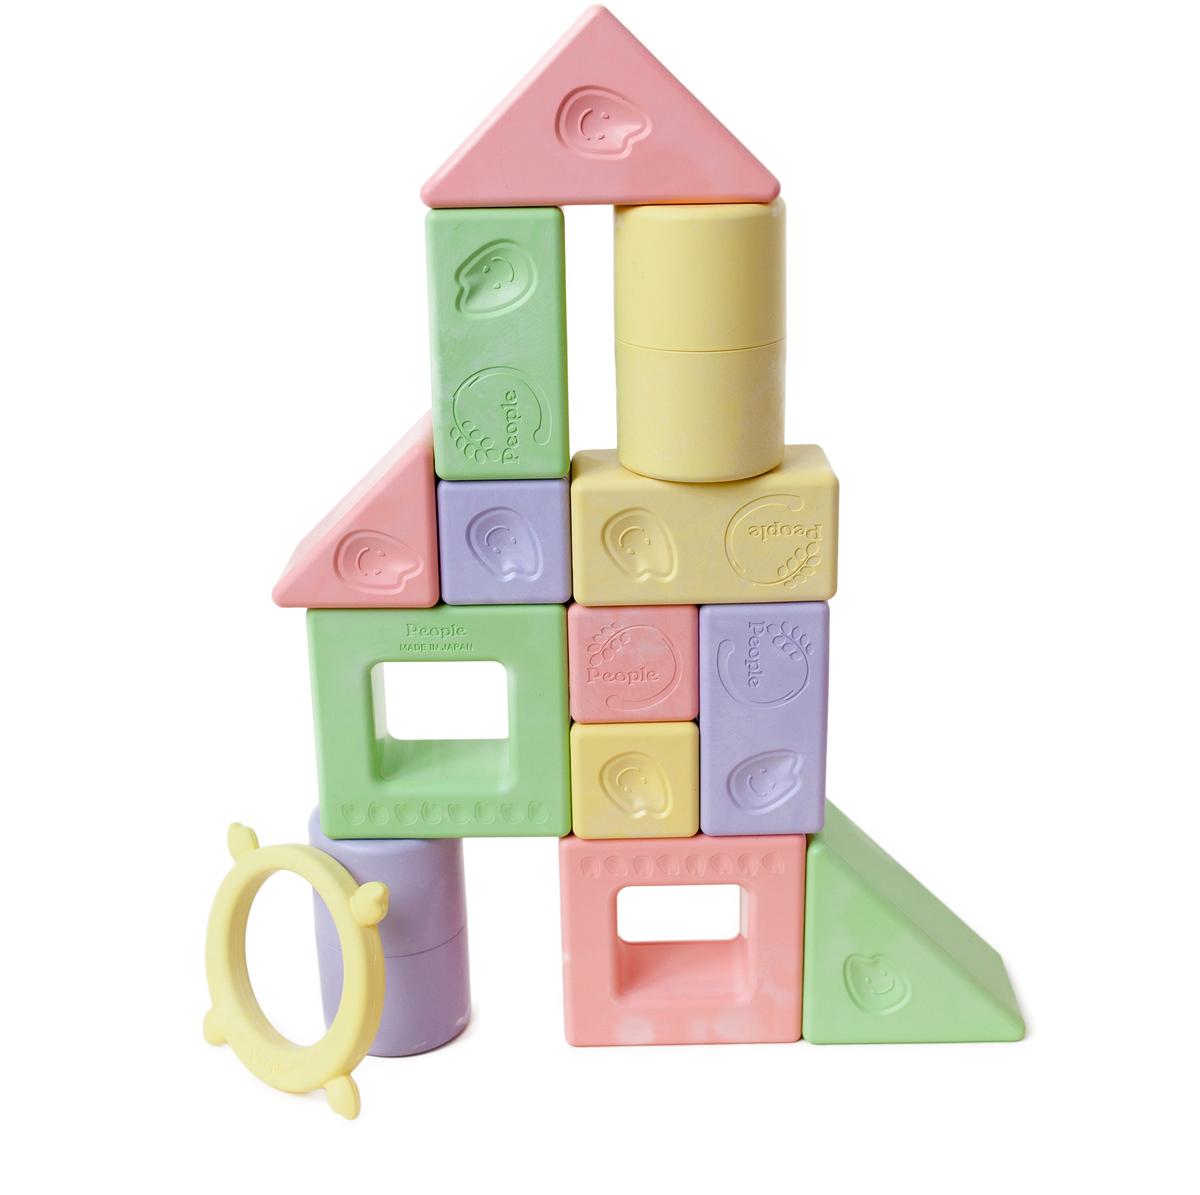 People Развивающая игрушка Премиум- набор кубиков Мотти книги эксмо gakken развивающие игры для детей от рождения до 1 года